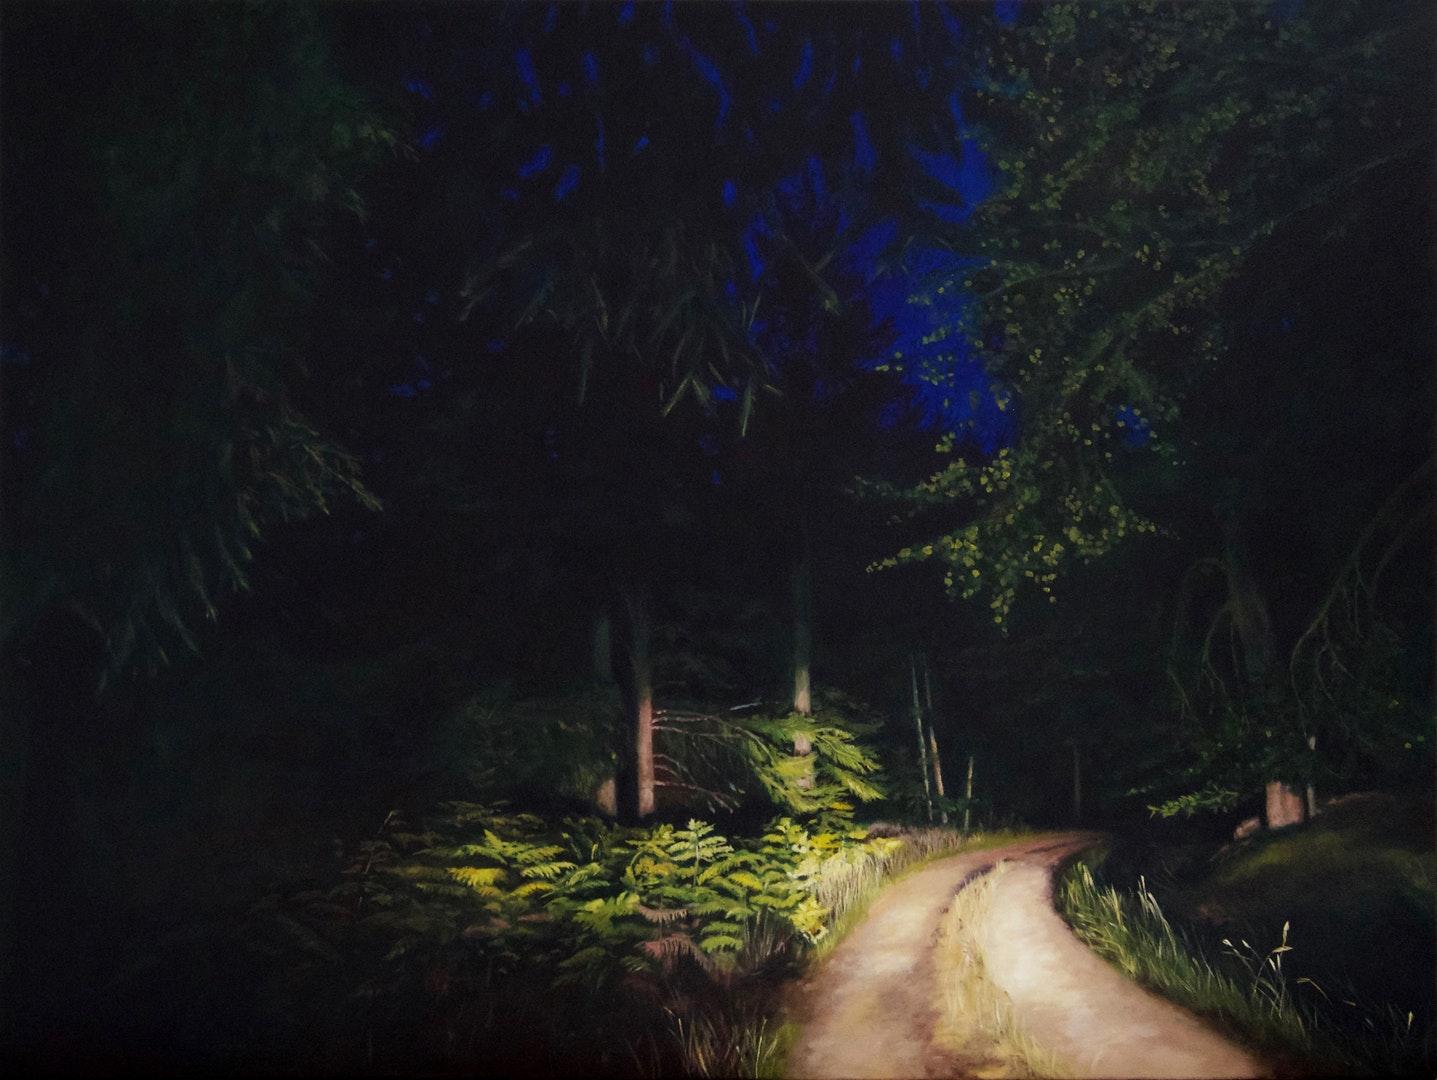 'Entre chien et loup 1', Natalie Dowse, Oil on canvas, 90 x 120 x 3 cm